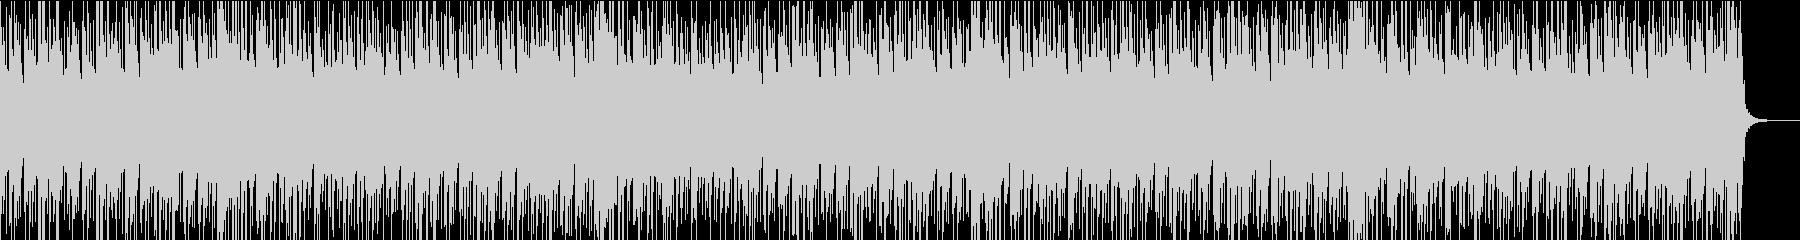 動画にぴったりなほのぼの日常系BGMの未再生の波形